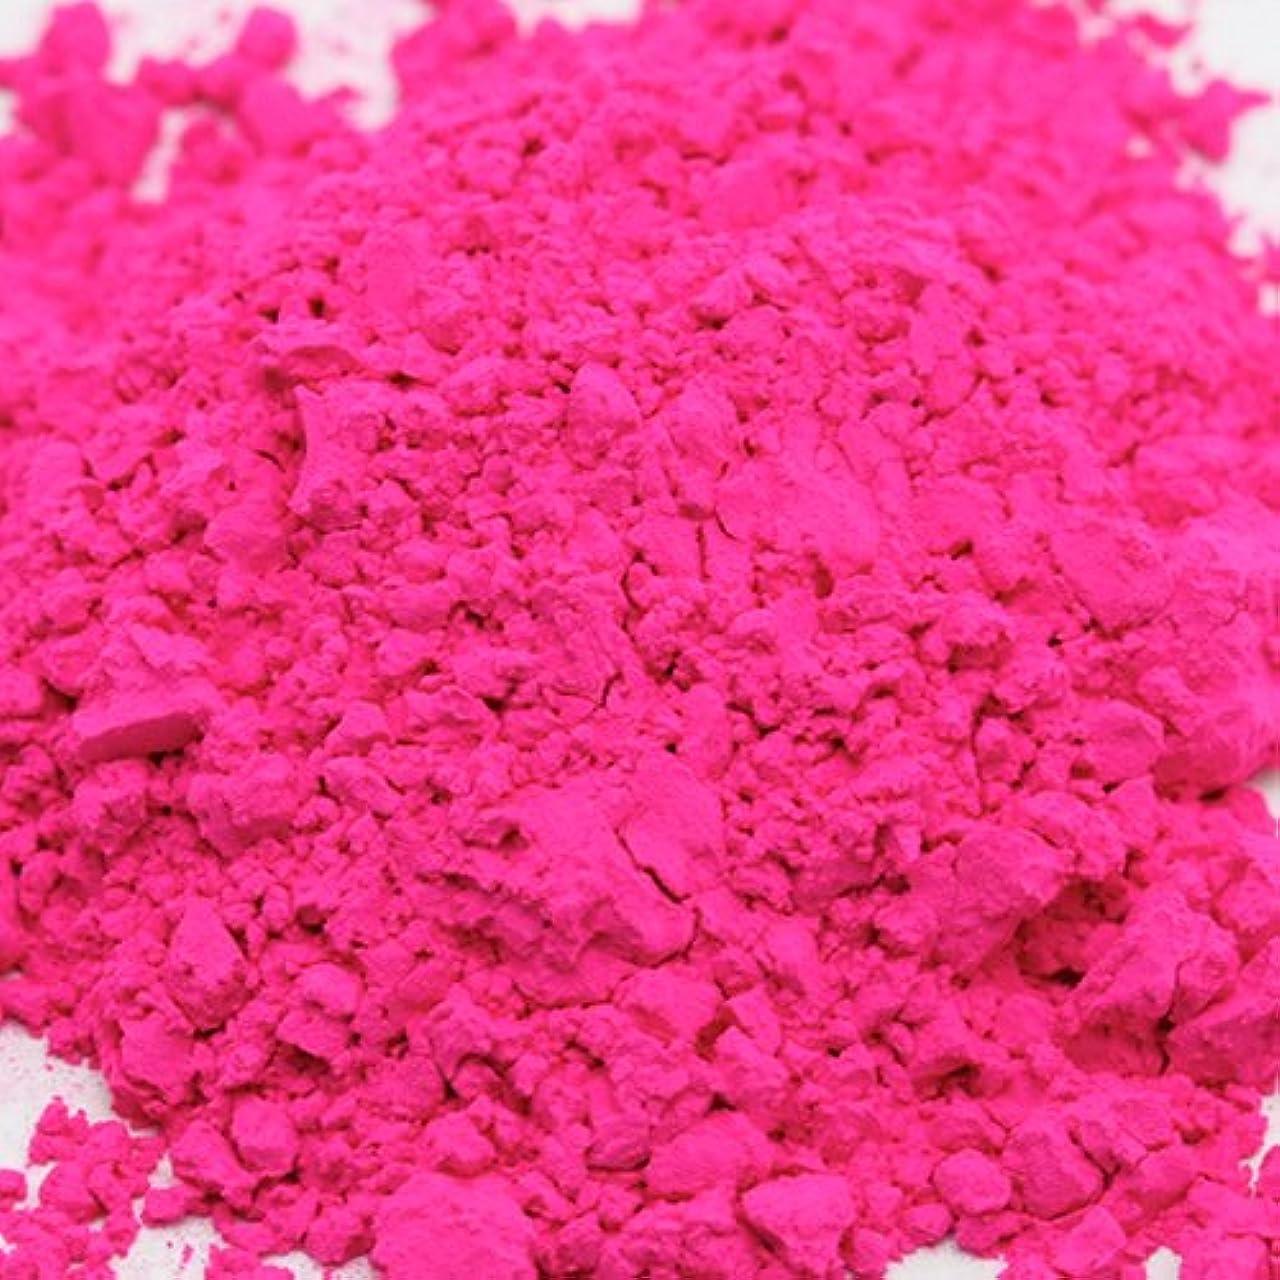 アクセル未満ペンスキャンディカラー ピンク 5g 【手作り石鹸/手作りコスメ/色付け/カラーラント】